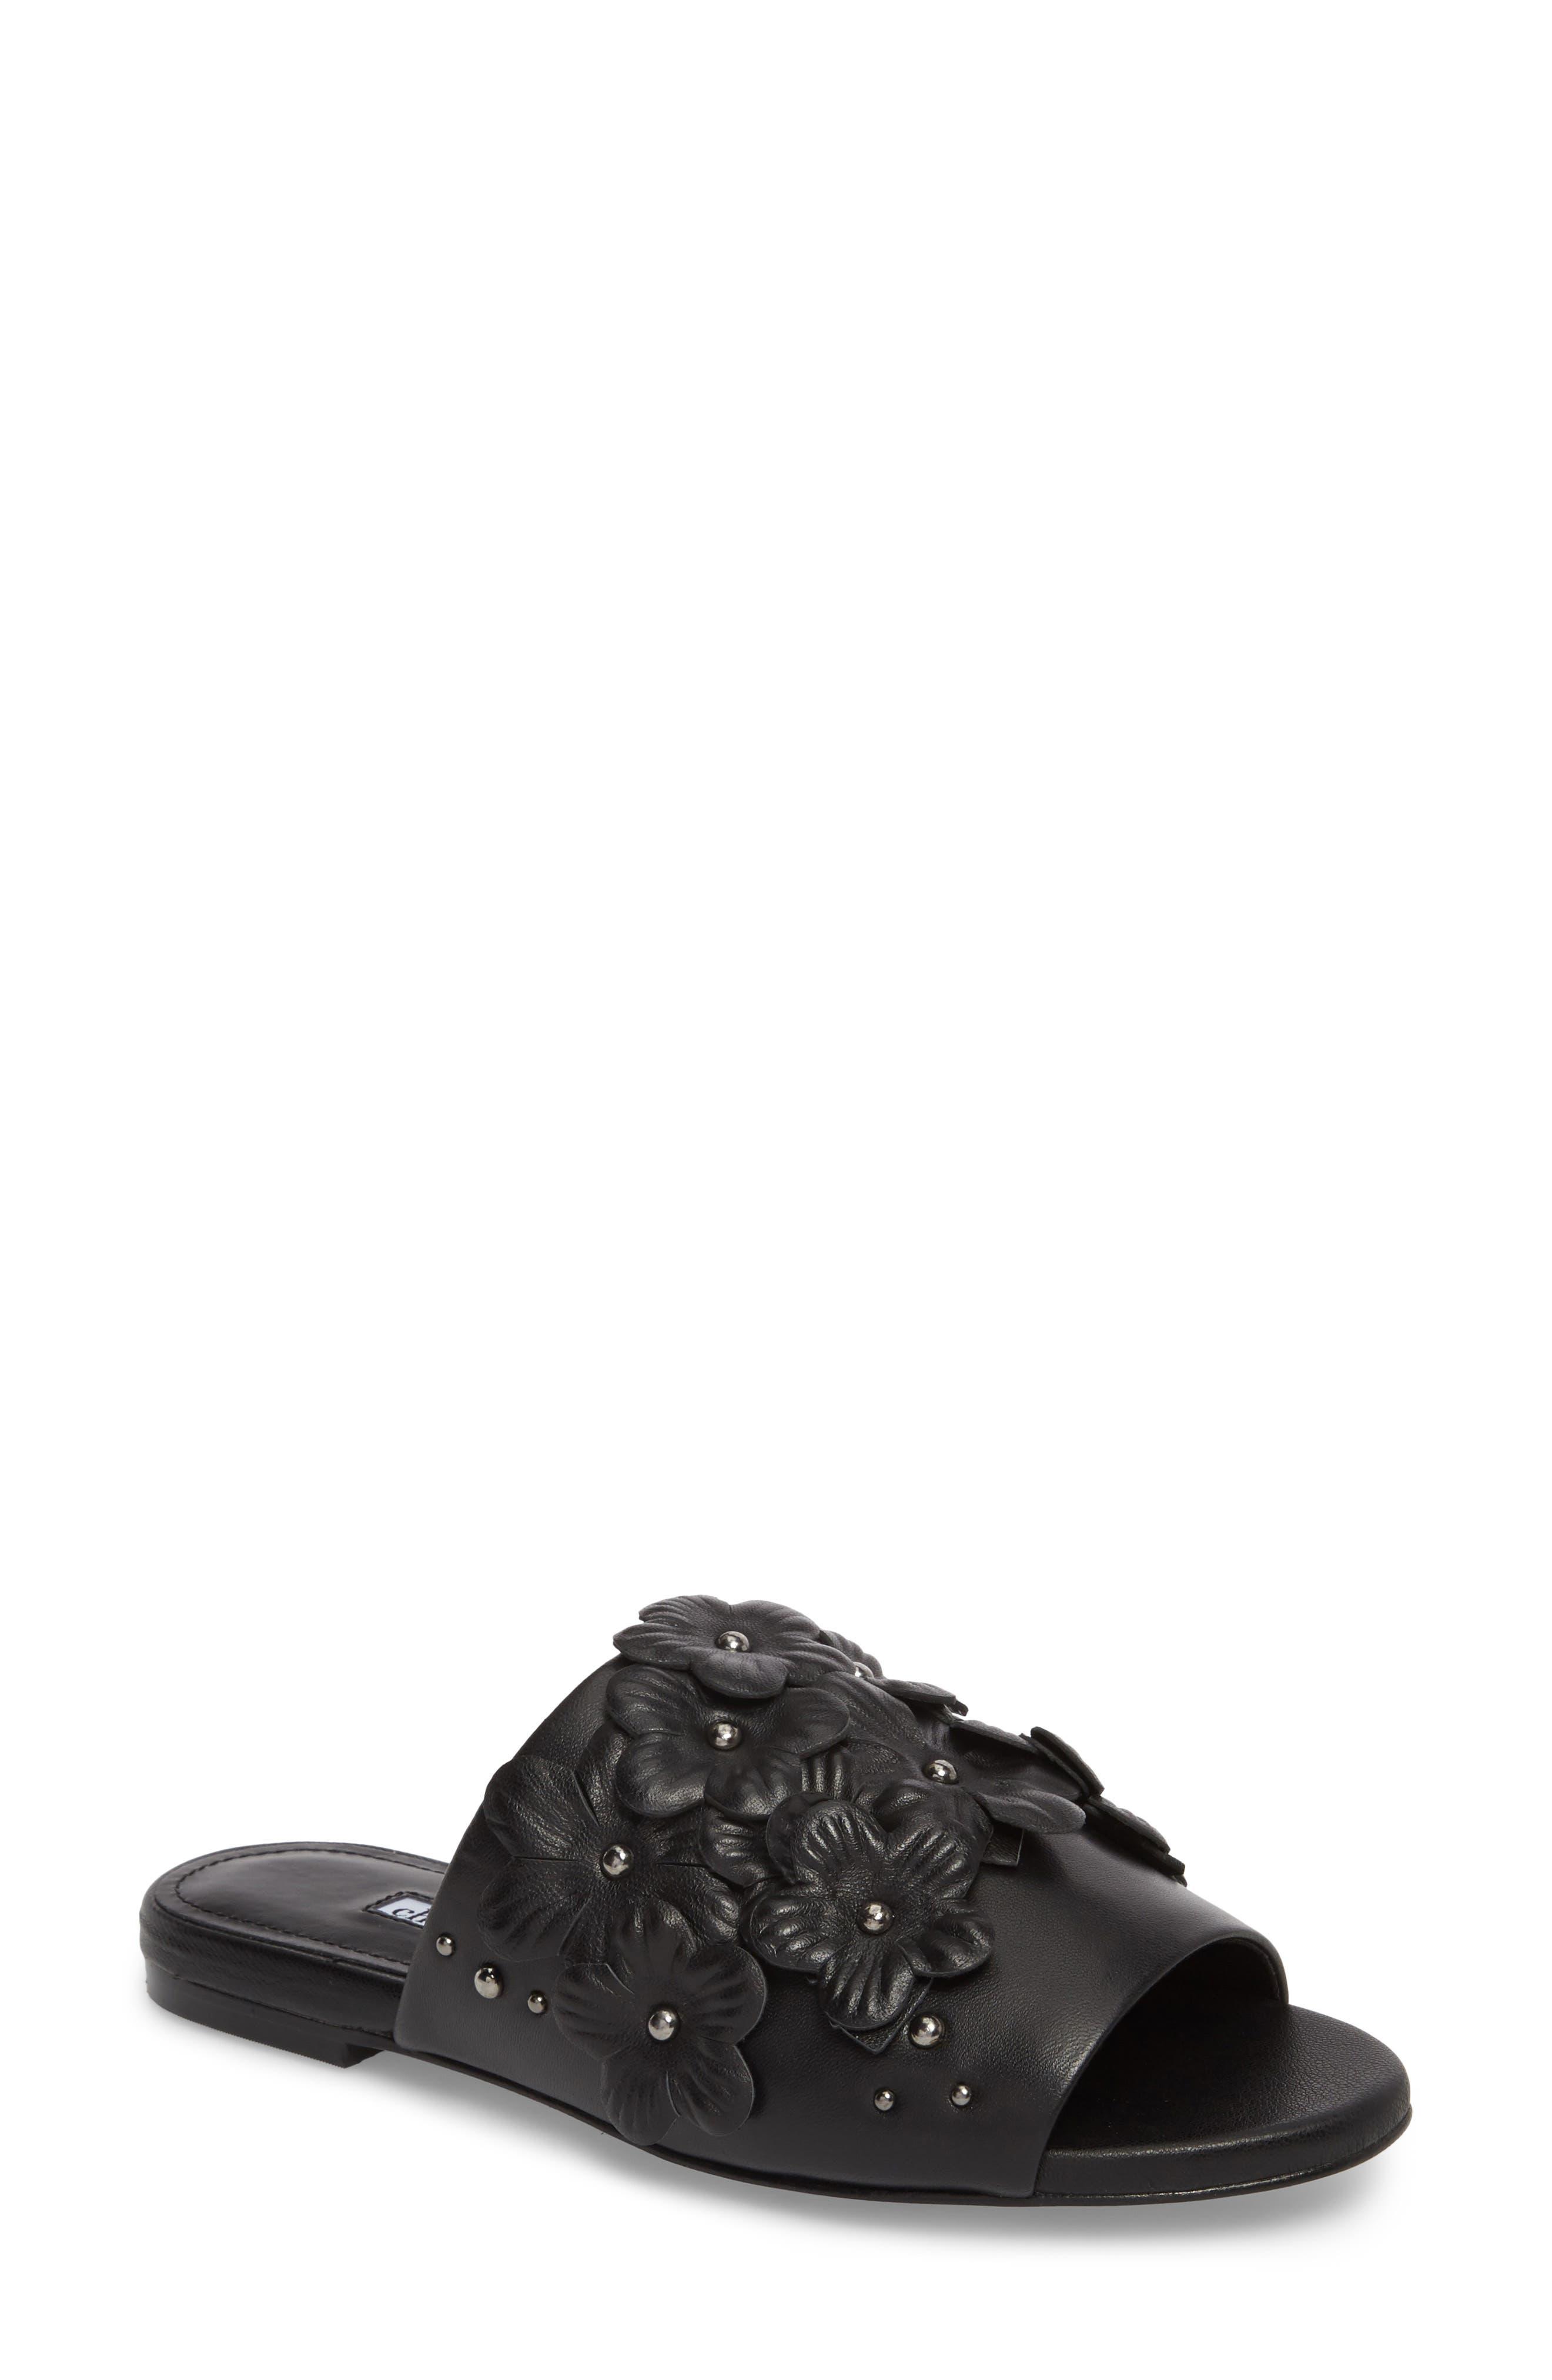 Charles David Sicilian Slide Sandal, Black